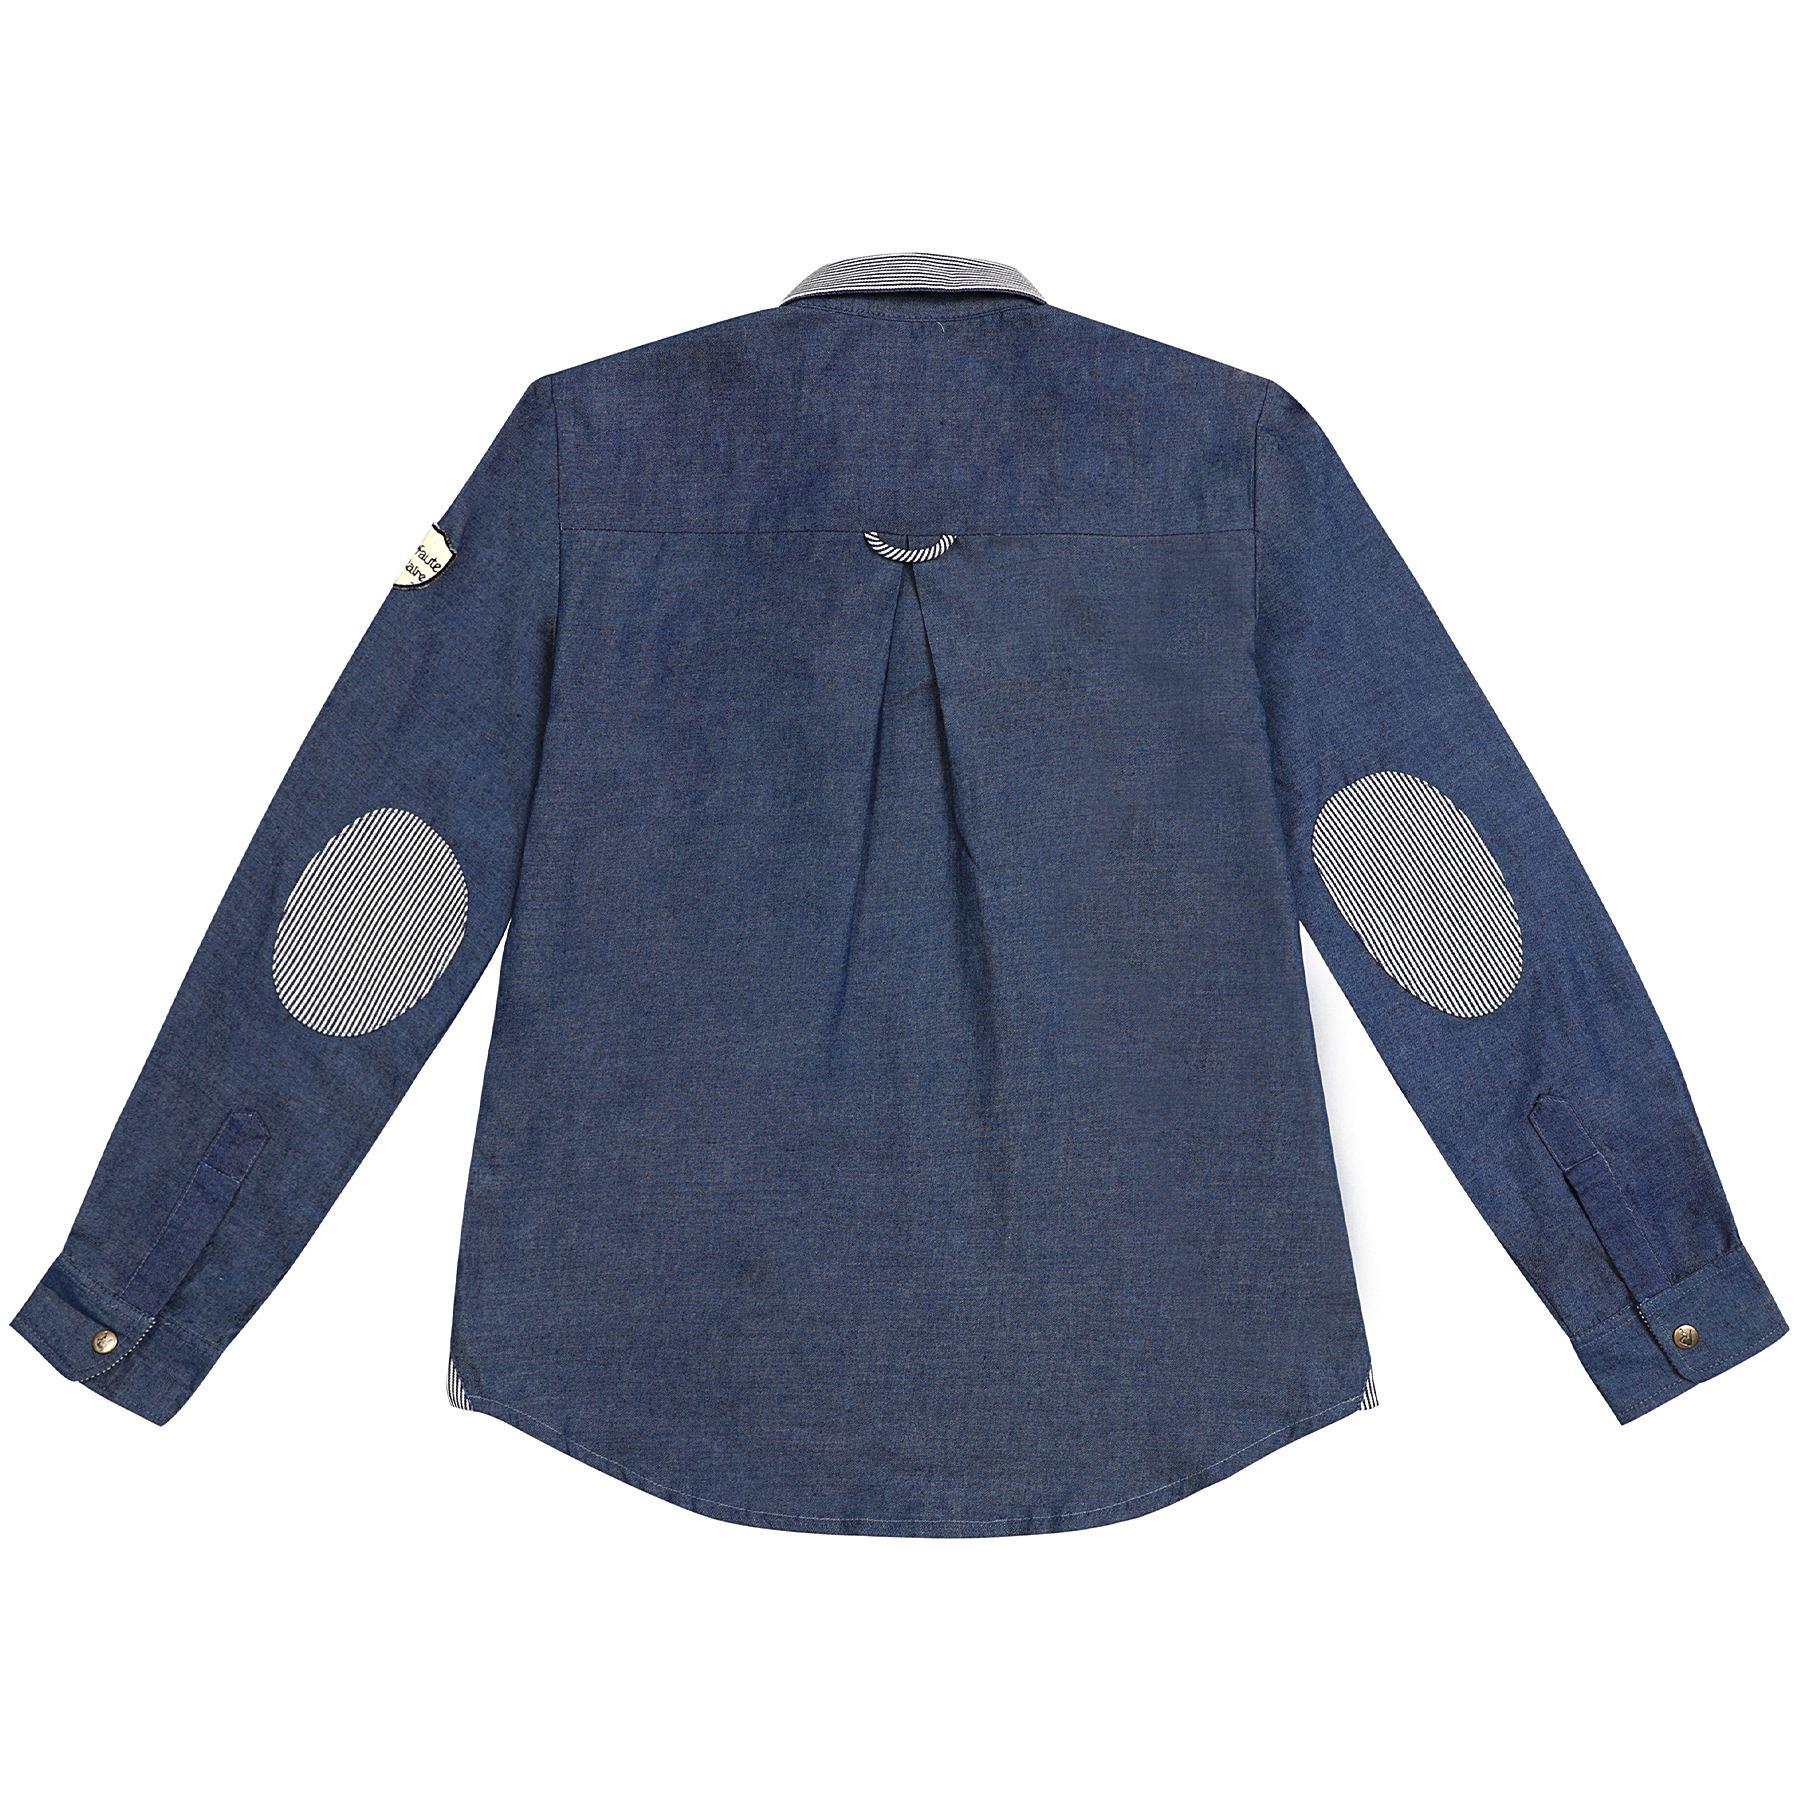 chemise manches longues pour garçon de 2 à 14 ans en fin coton denim bleu foncé avec col pointu et coudières en jean à rayures bleu marine et beige